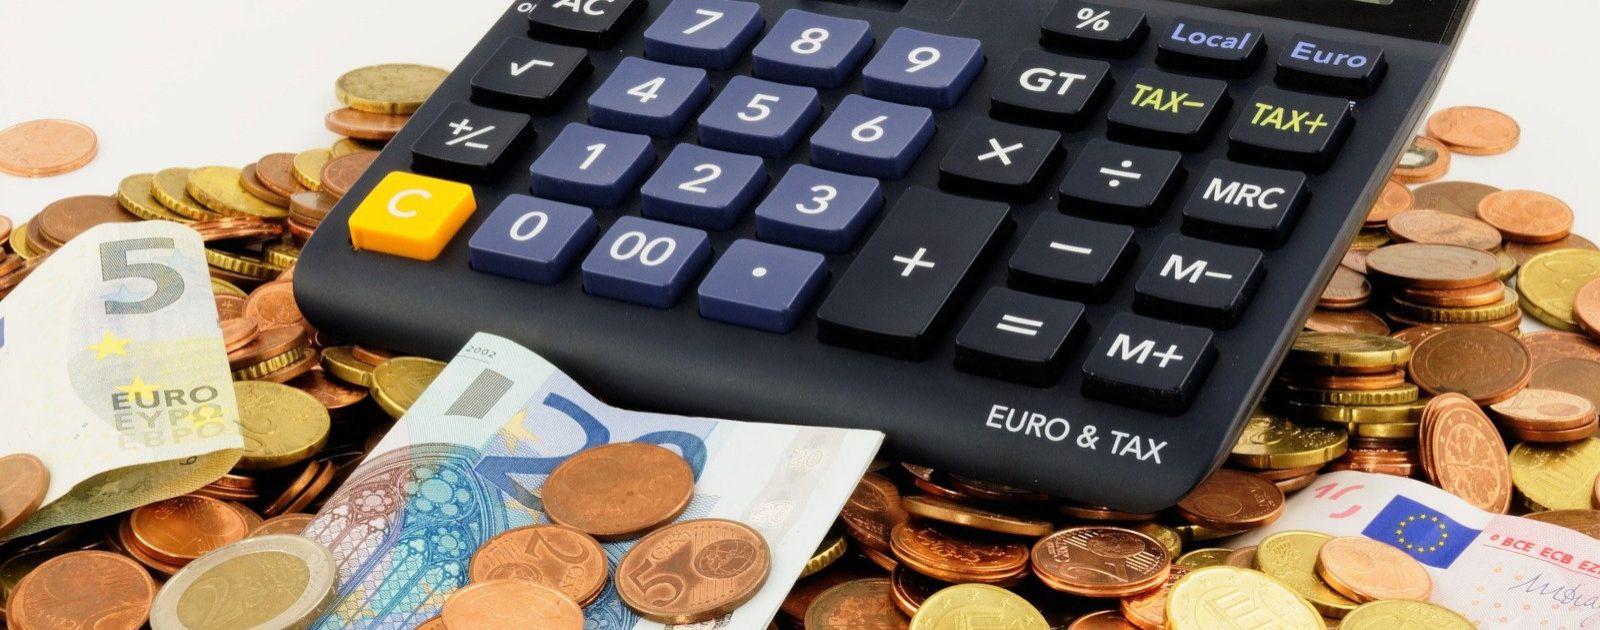 Euro Münzen und Scheine darauf liegend ein Taschenrechner